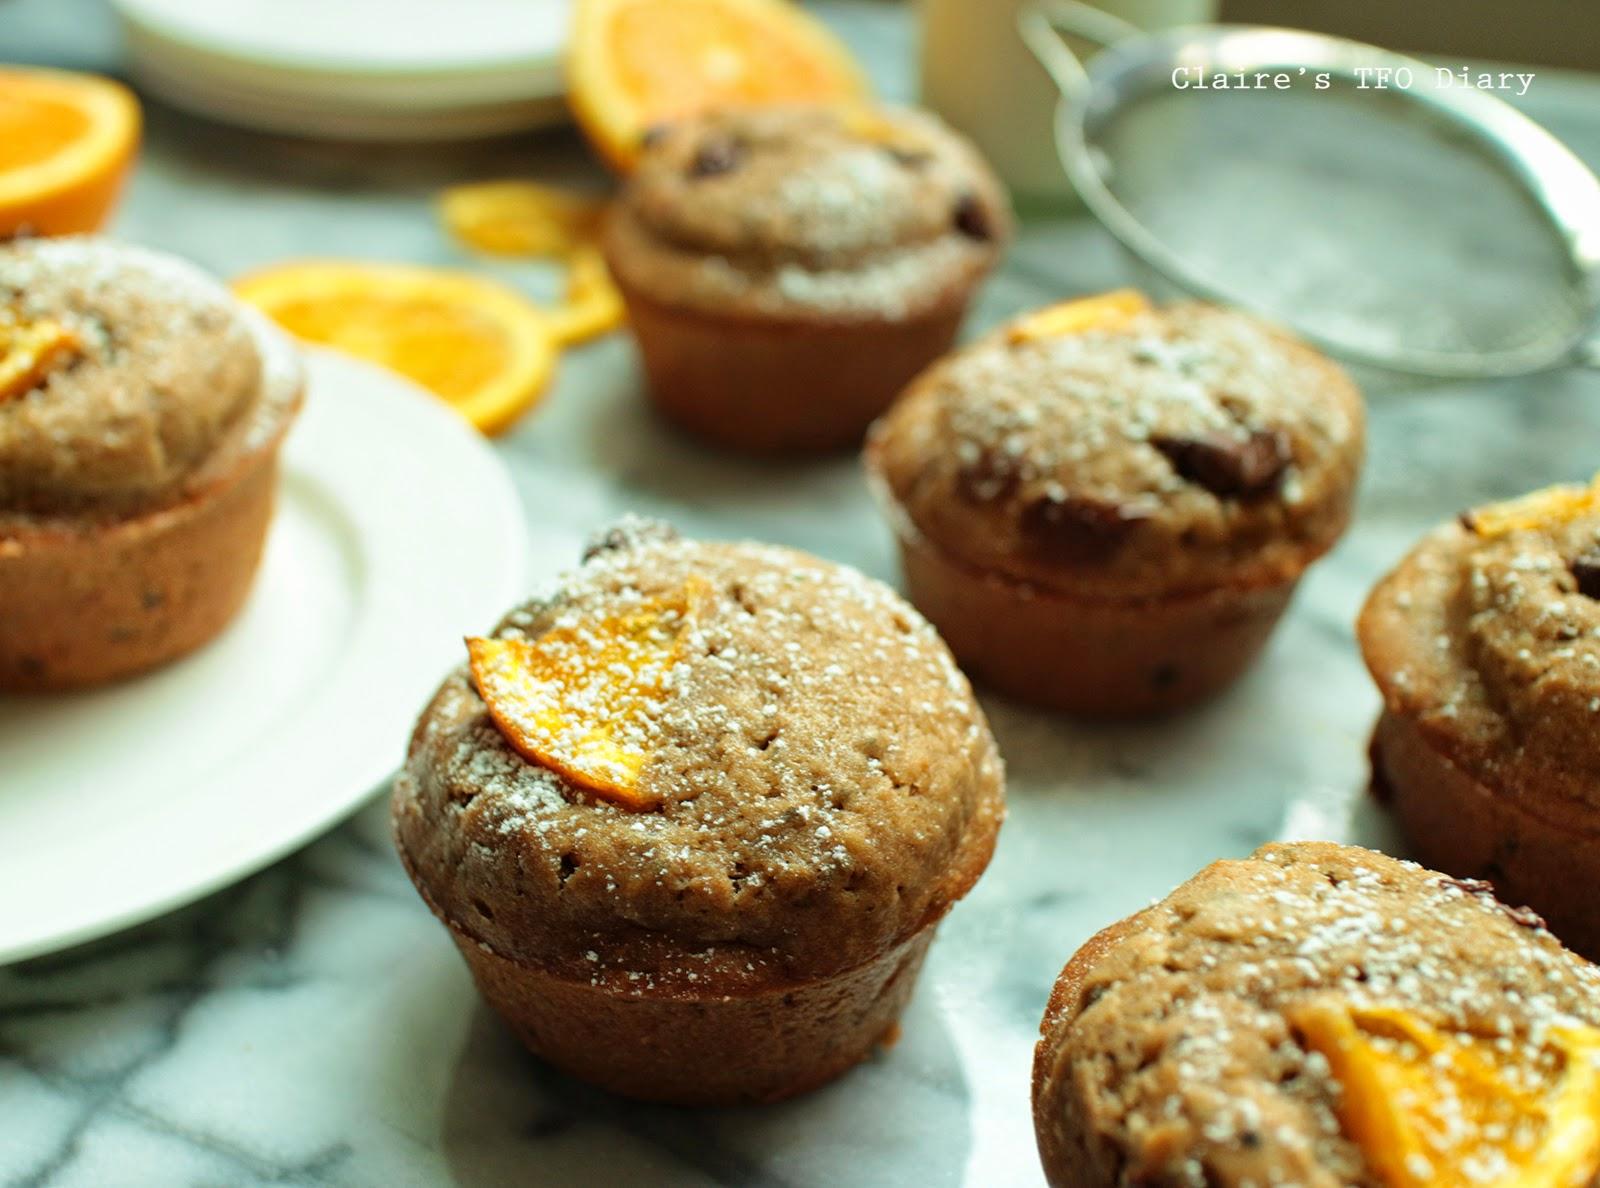 周日下午的小確幸 – 巧克力橙香奇亞籽馬芬 (使用橄欖油)